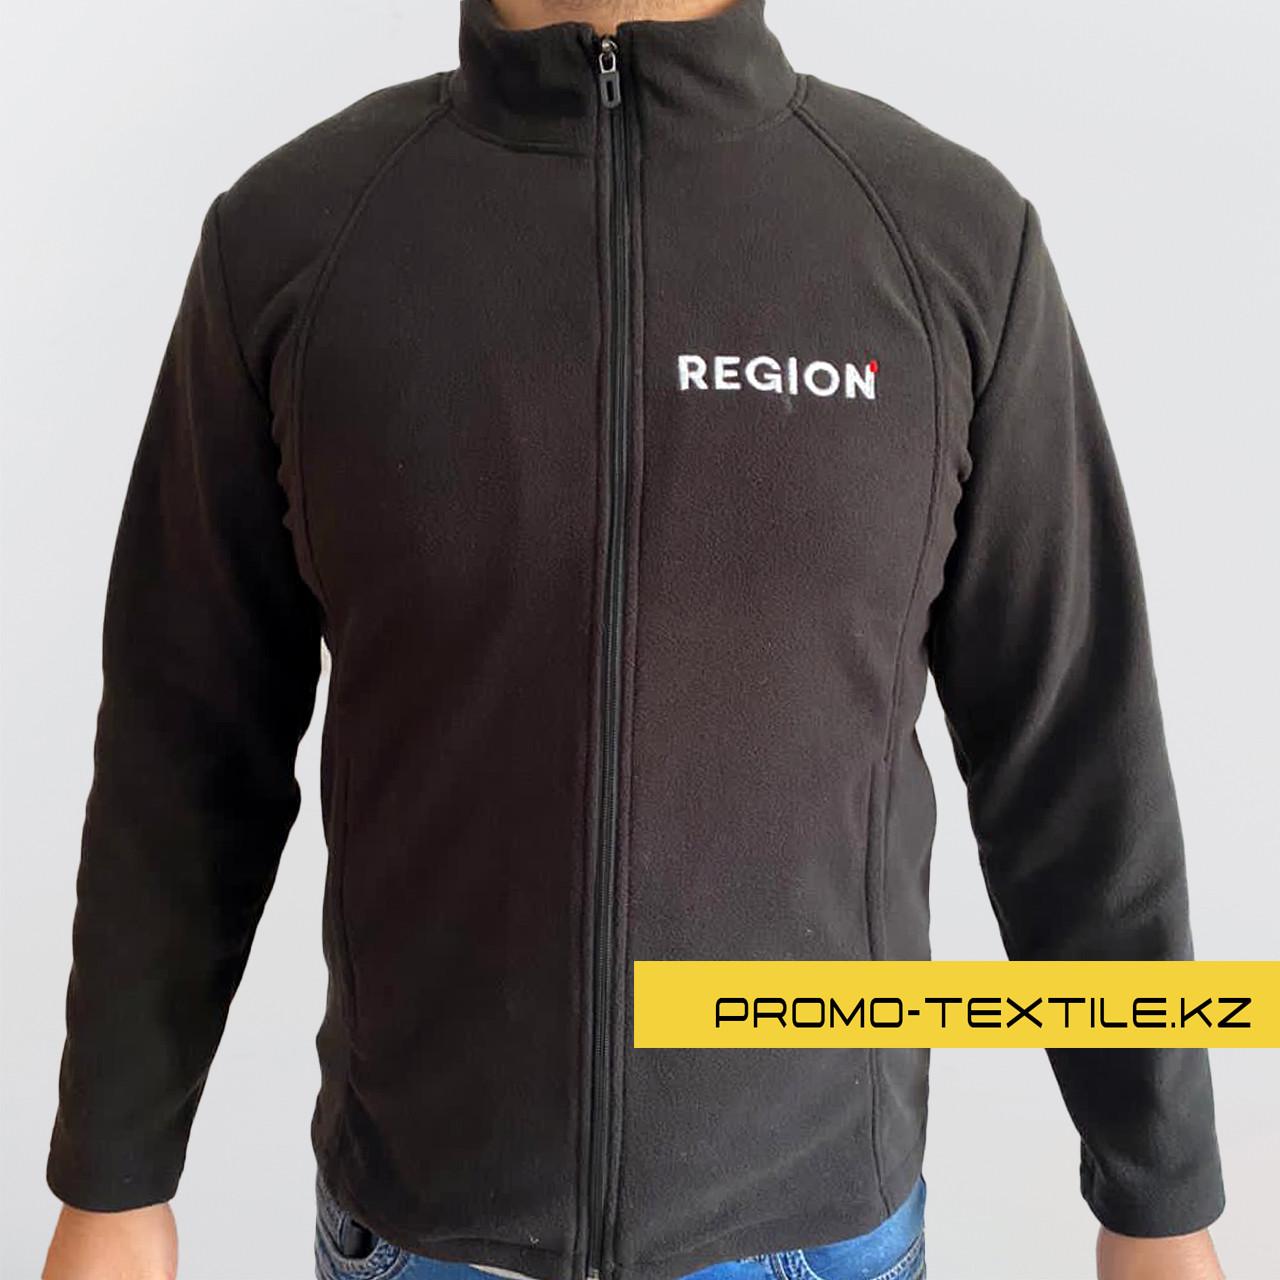 Мужская Флисовая кофта / Пошив Флисовая куртка / Флисовая толстовка на молнии